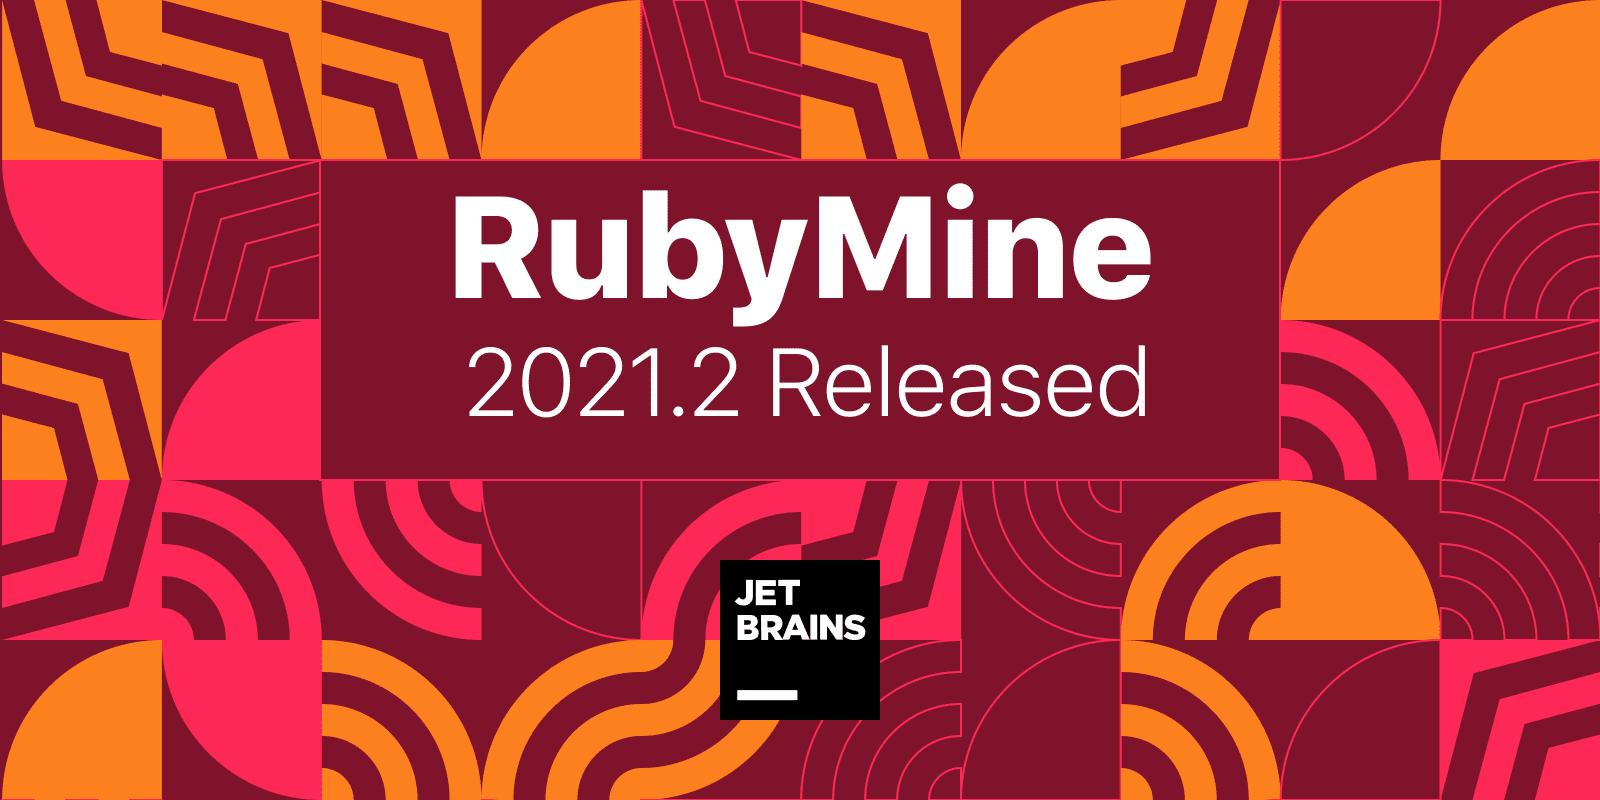 RubyMine 2021.2